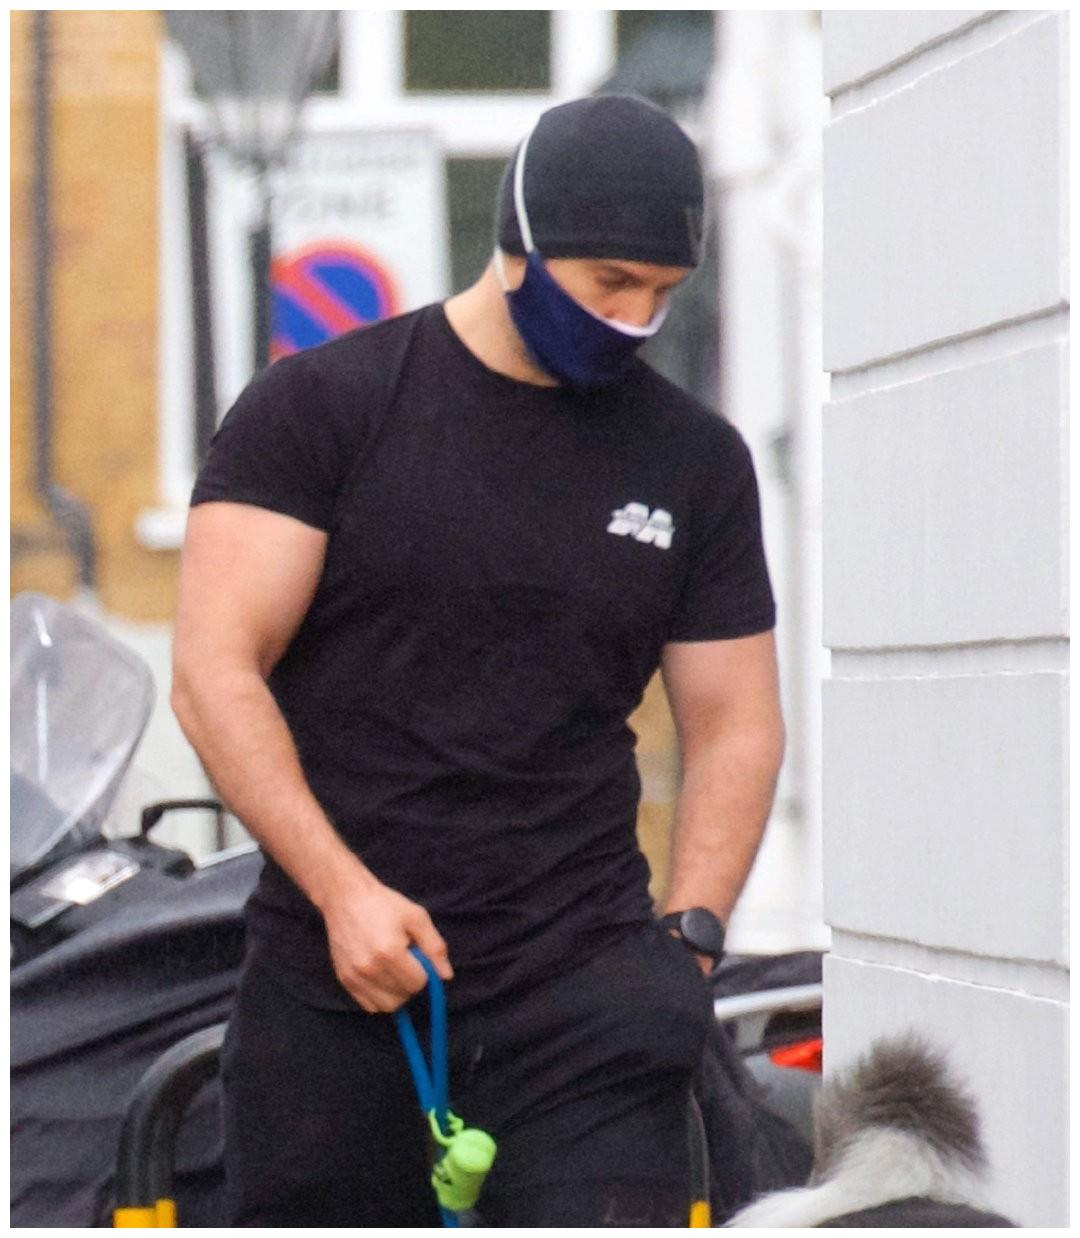 38岁大超亨利现身伦敦街头,穿人字拖遛狗,黑短袖藏不住胳膊肌肉